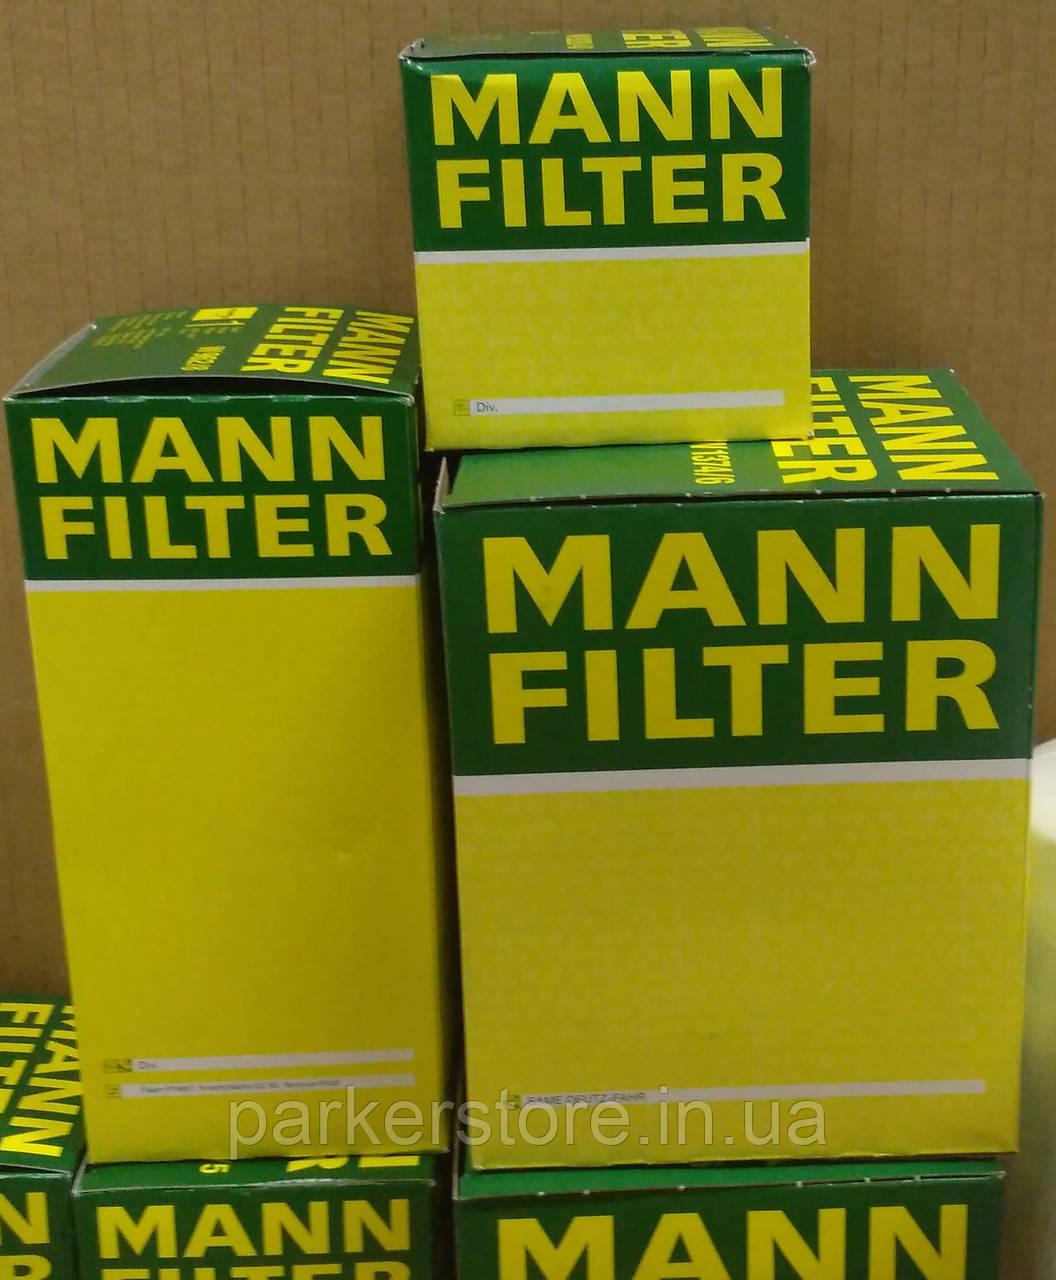 MANN FILTER / Воздушный фильтр / C 29 015 / C29015